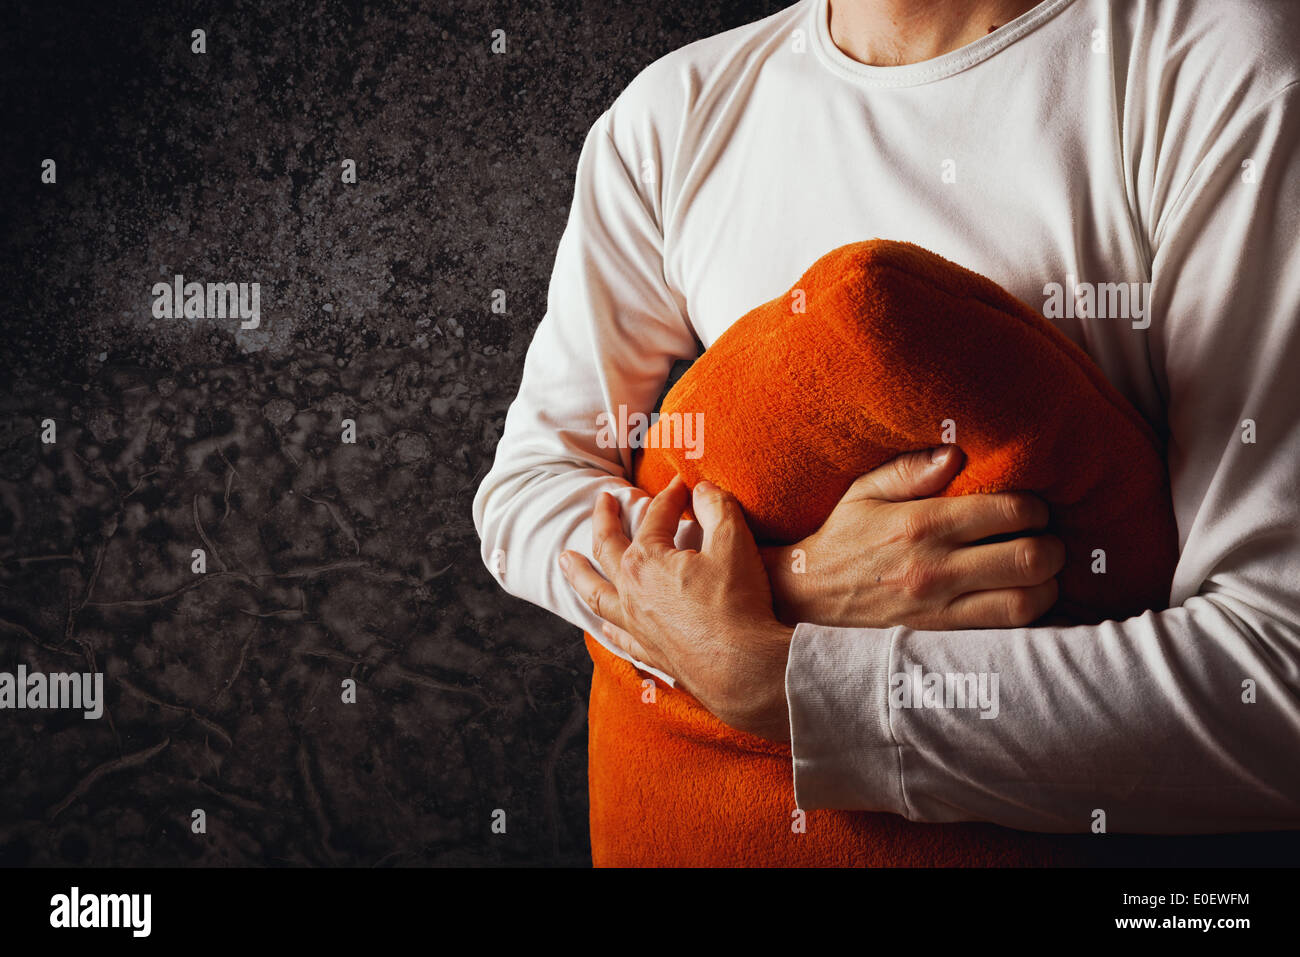 L'uomo abbracciando orange cuscino nella camera oscura. Concetto di dolore, di tristezza e di depressione. Immagini Stock